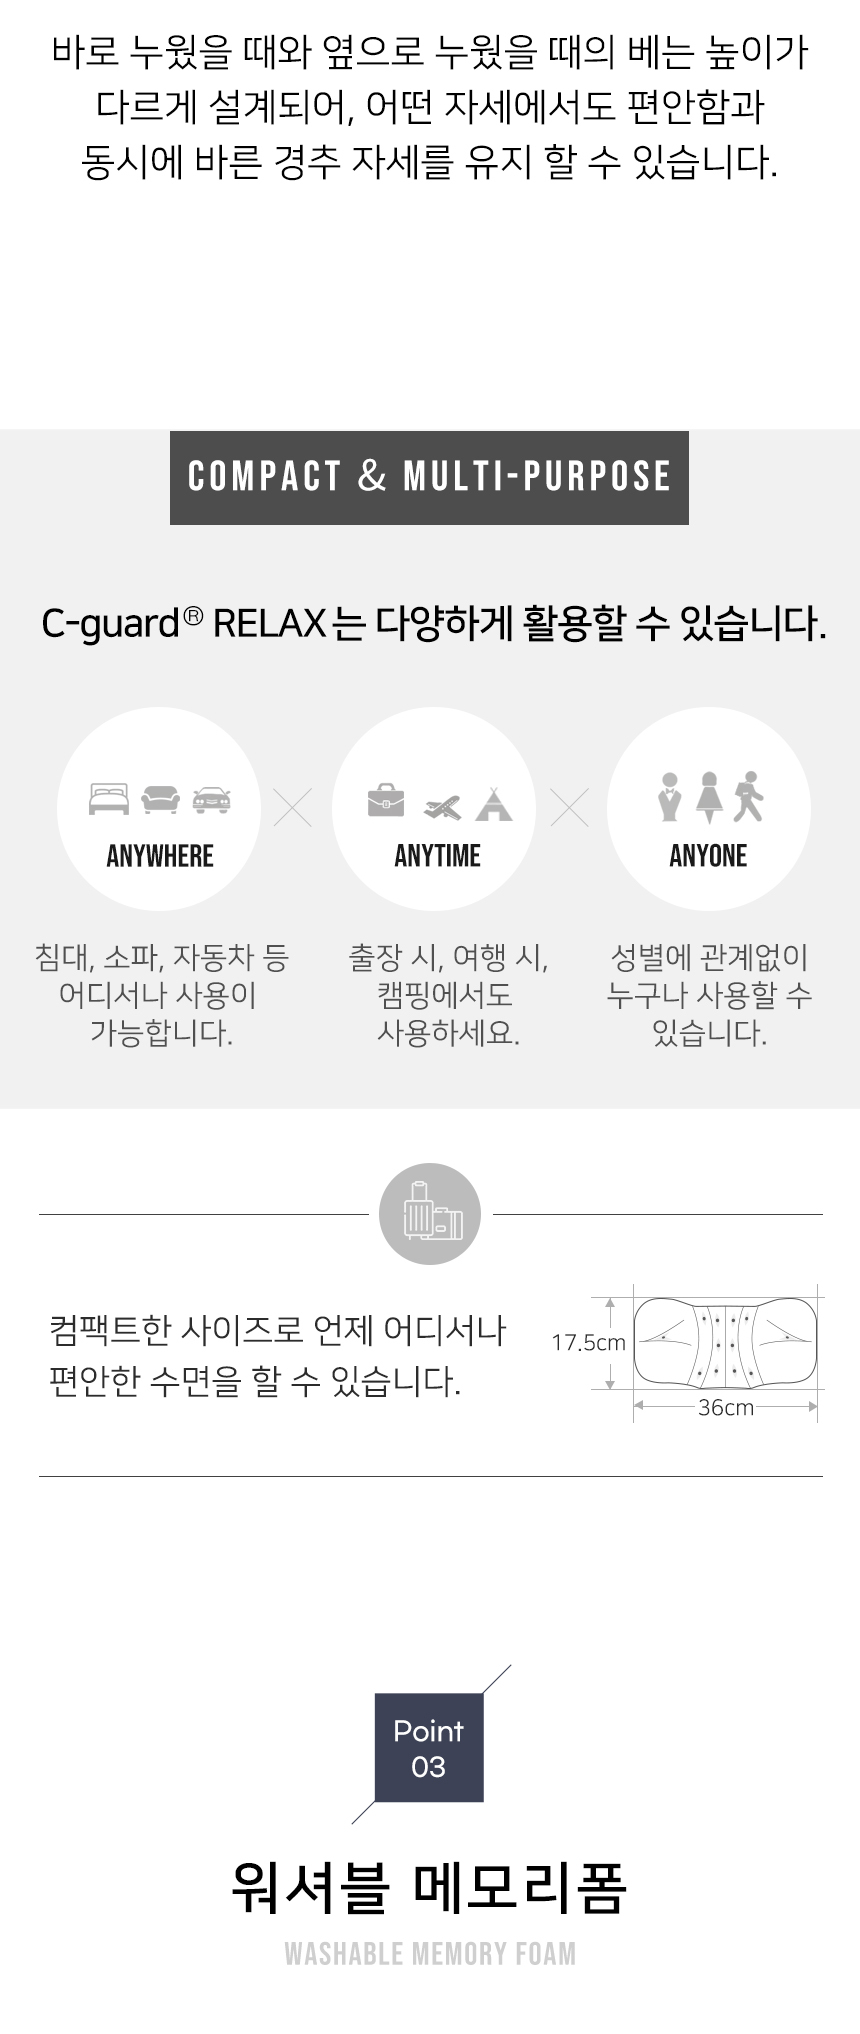 relax_detail_007.jpg